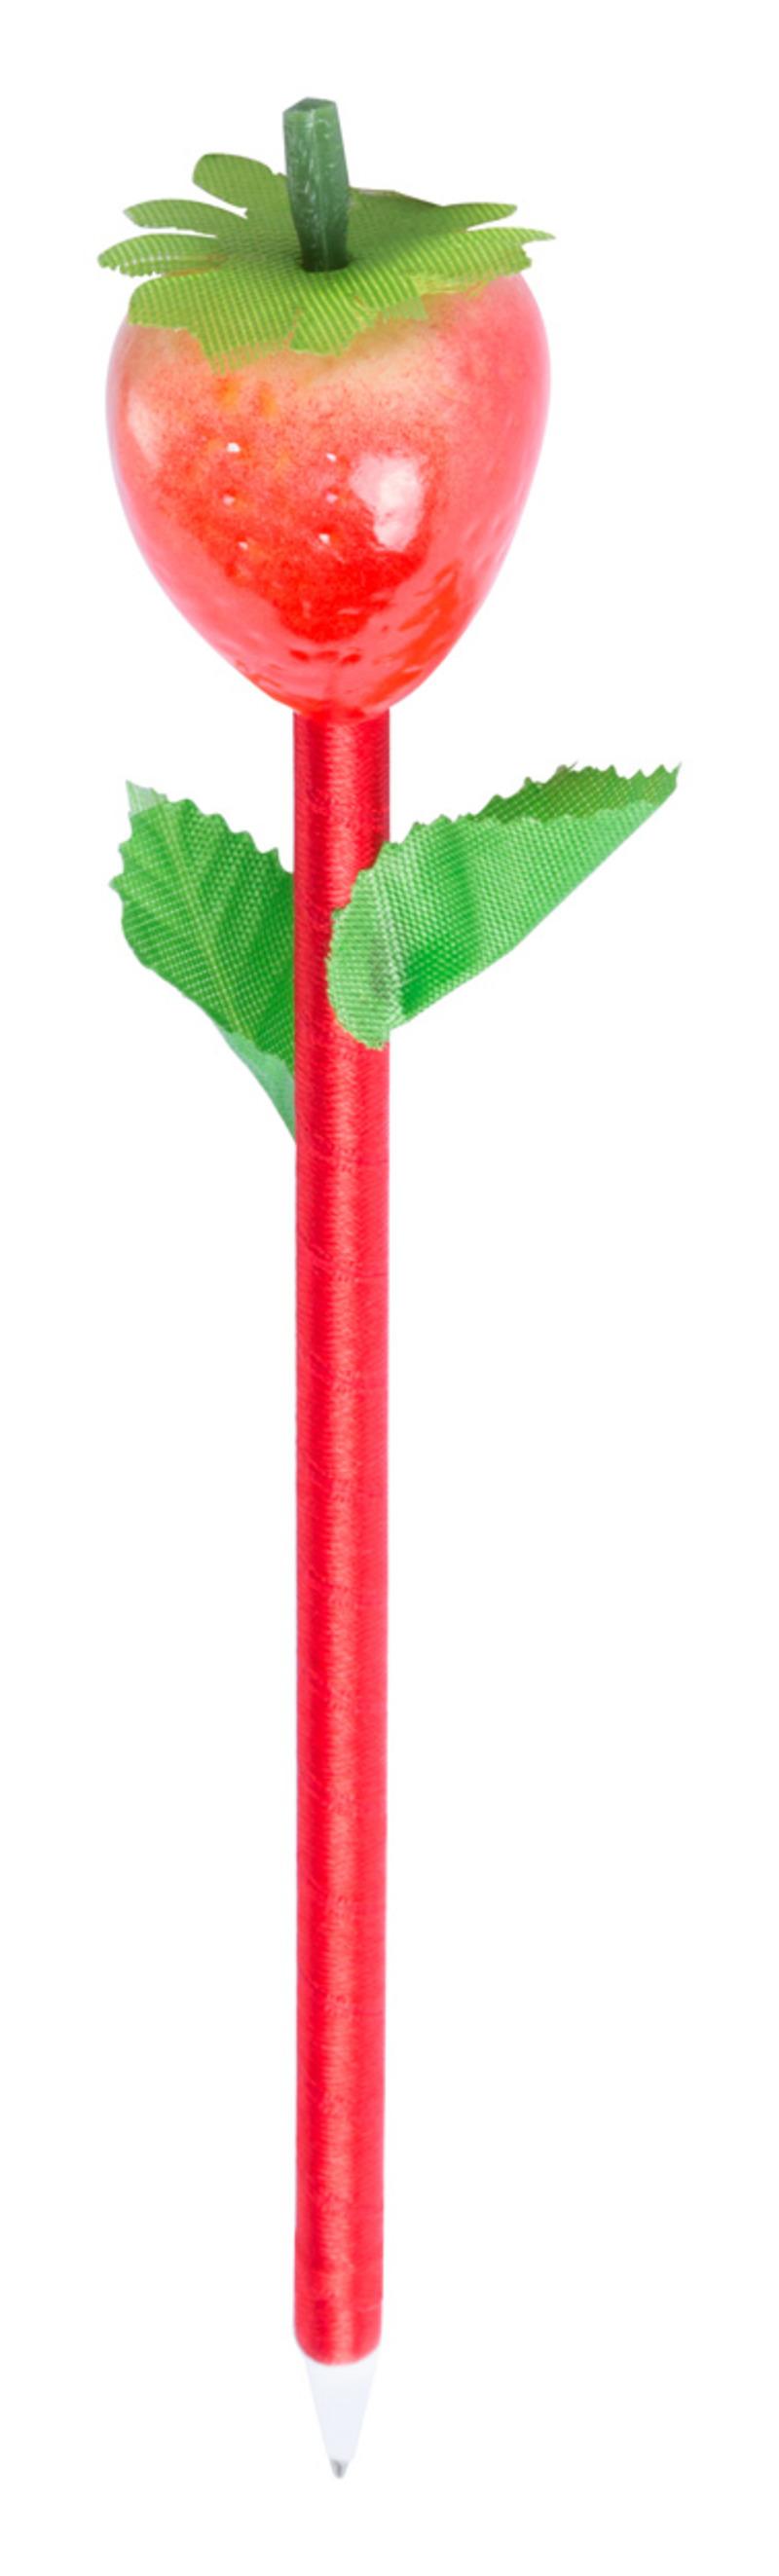 Ximor ballpoint pen, strawberry